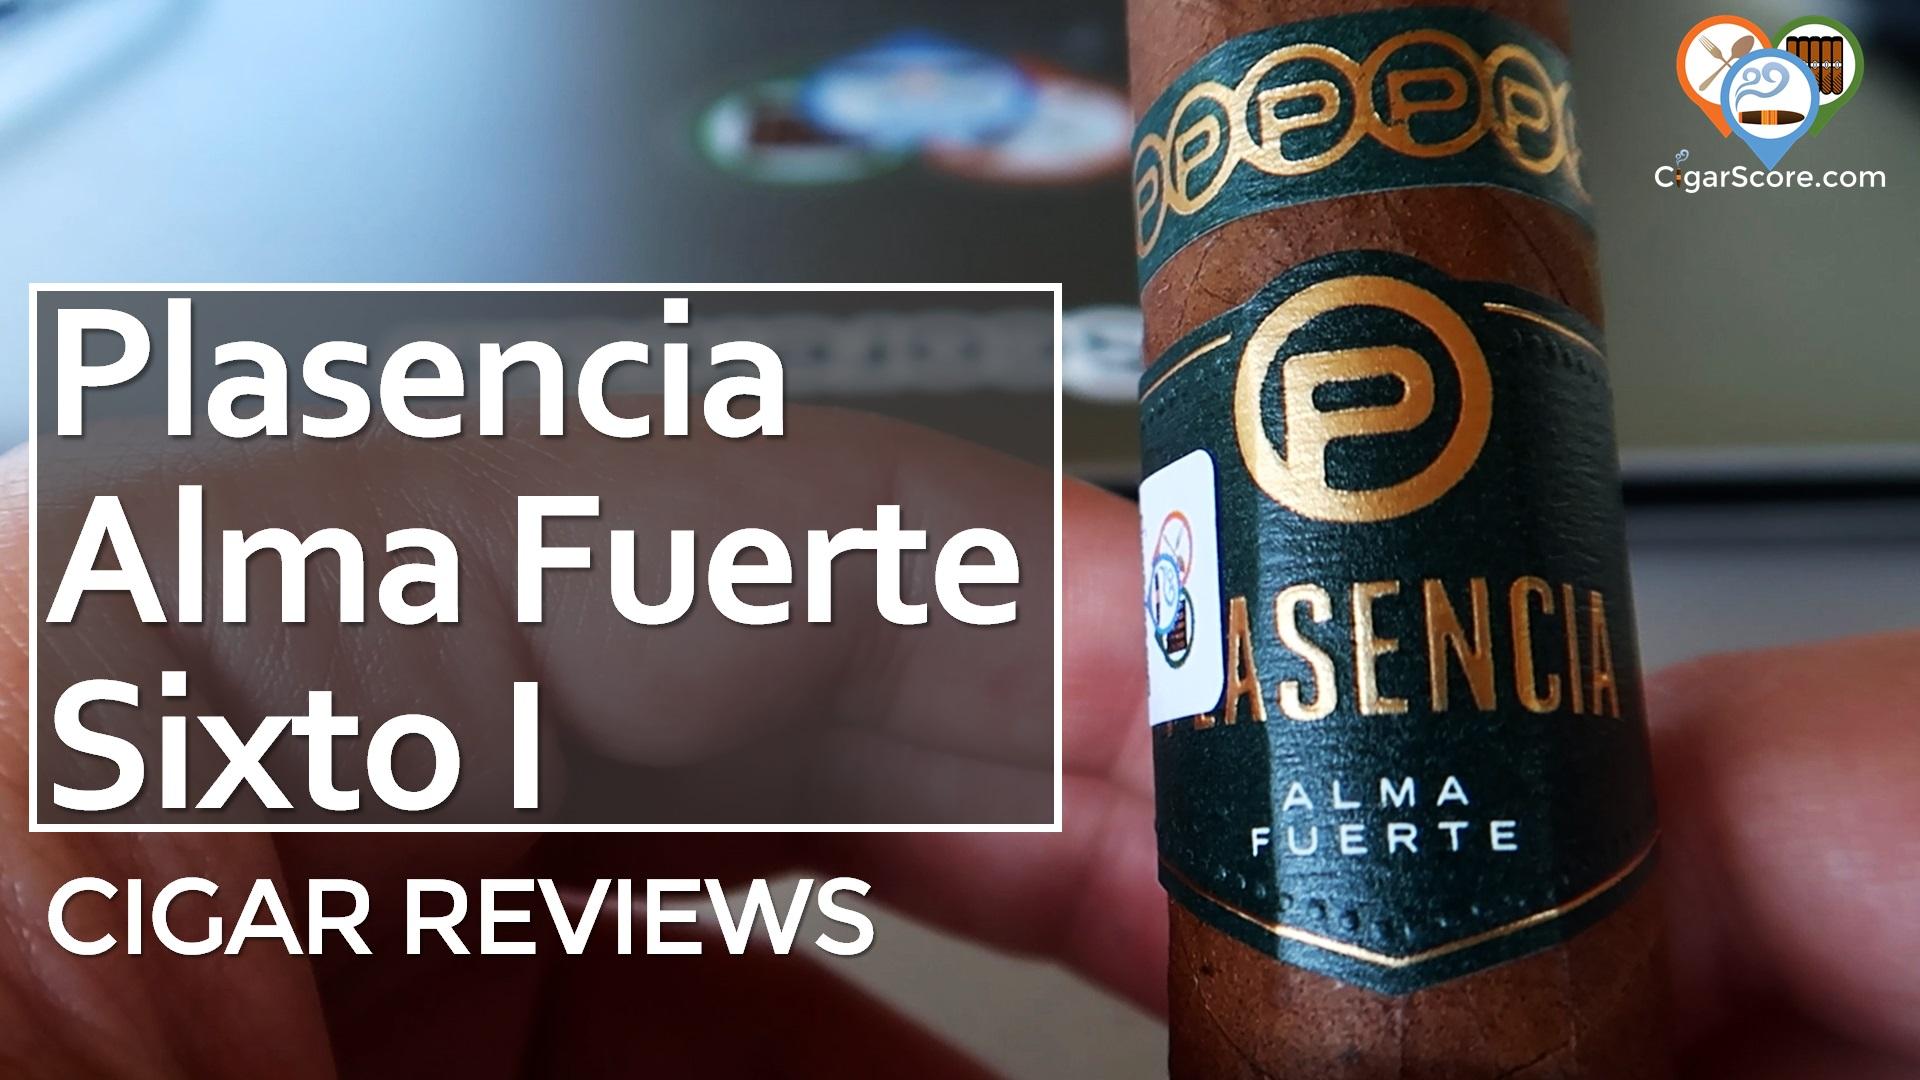 Cigar Review Plasencia Alma Fuerte Sixto I